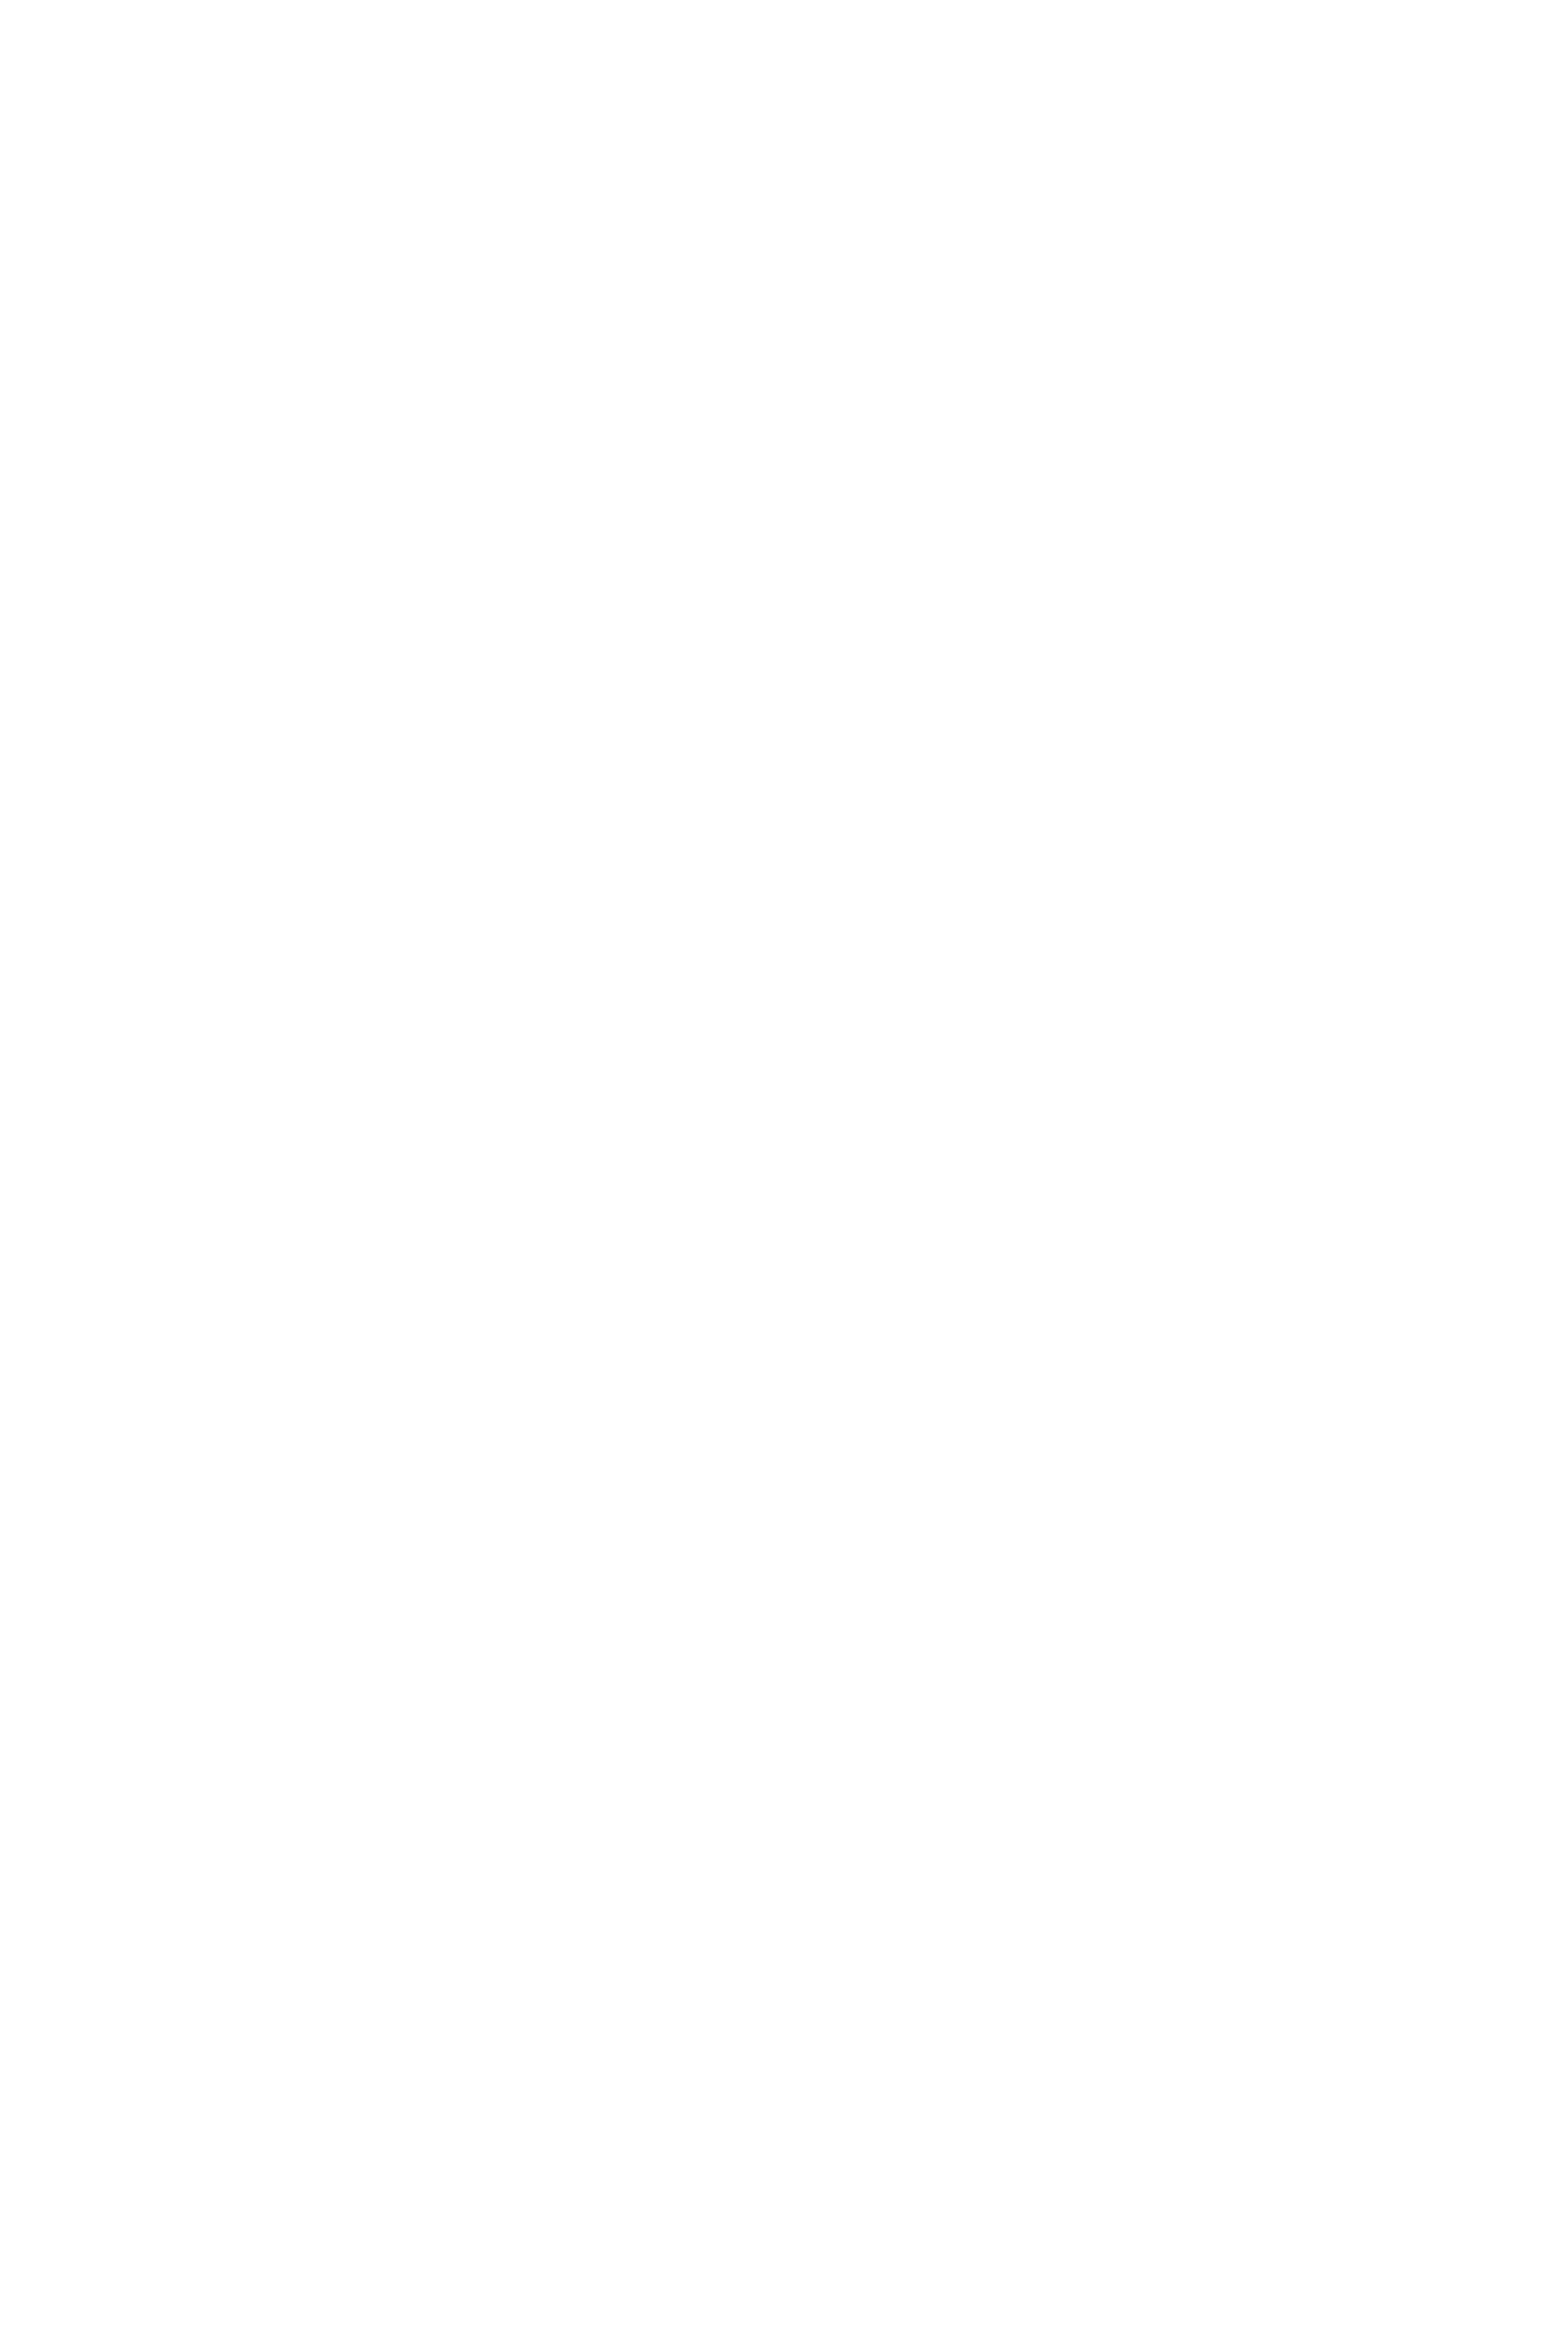 2018-12-04-senac-pi-de-modelista-no-jesse-freire-34